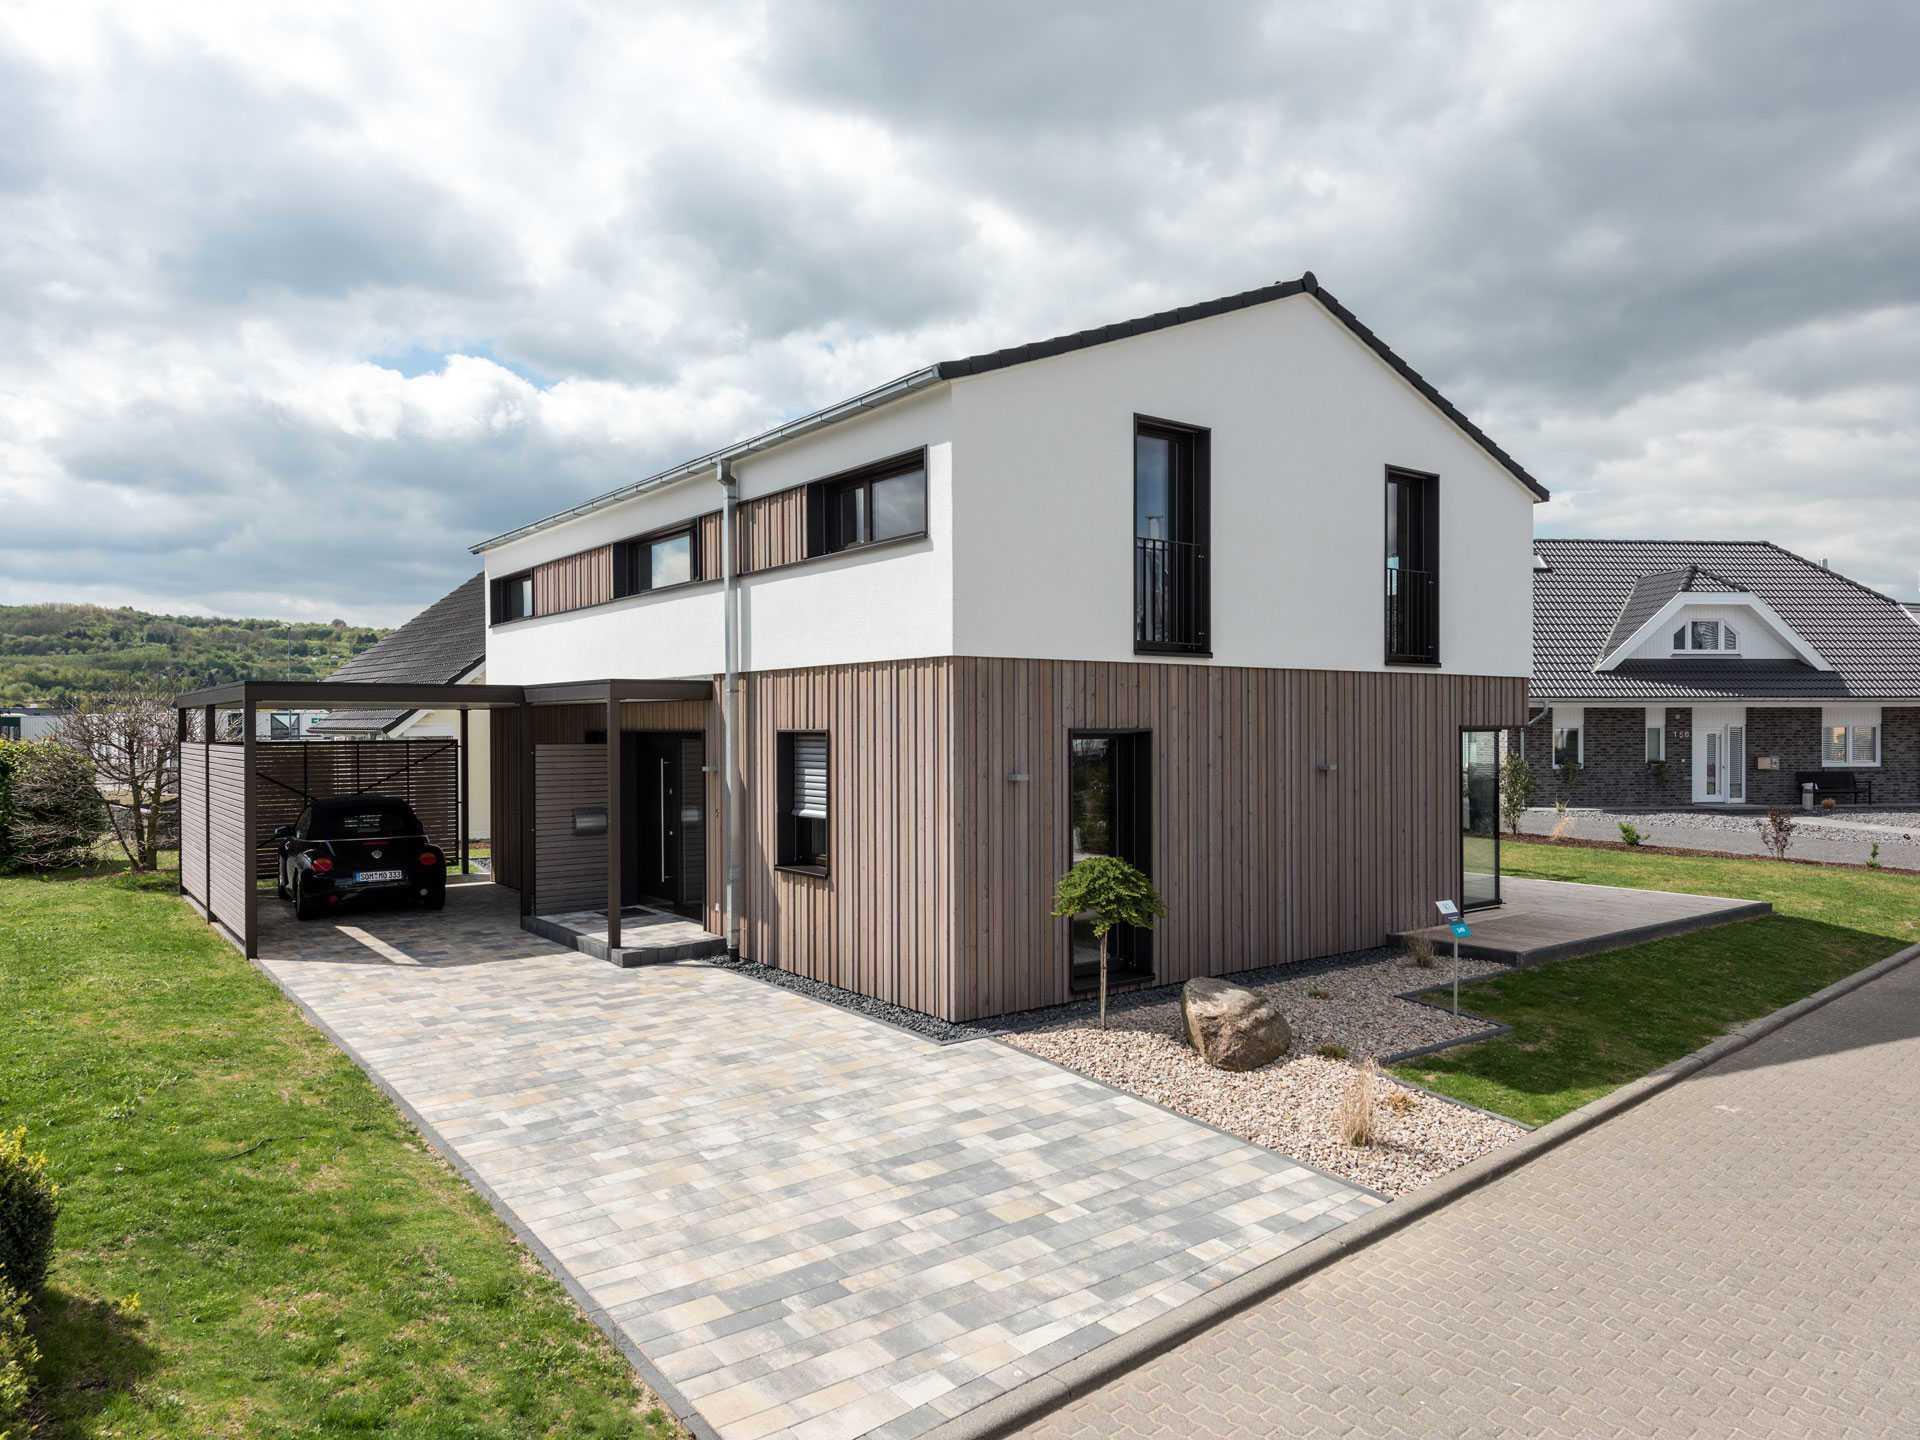 Frammelsberger Holzhaus